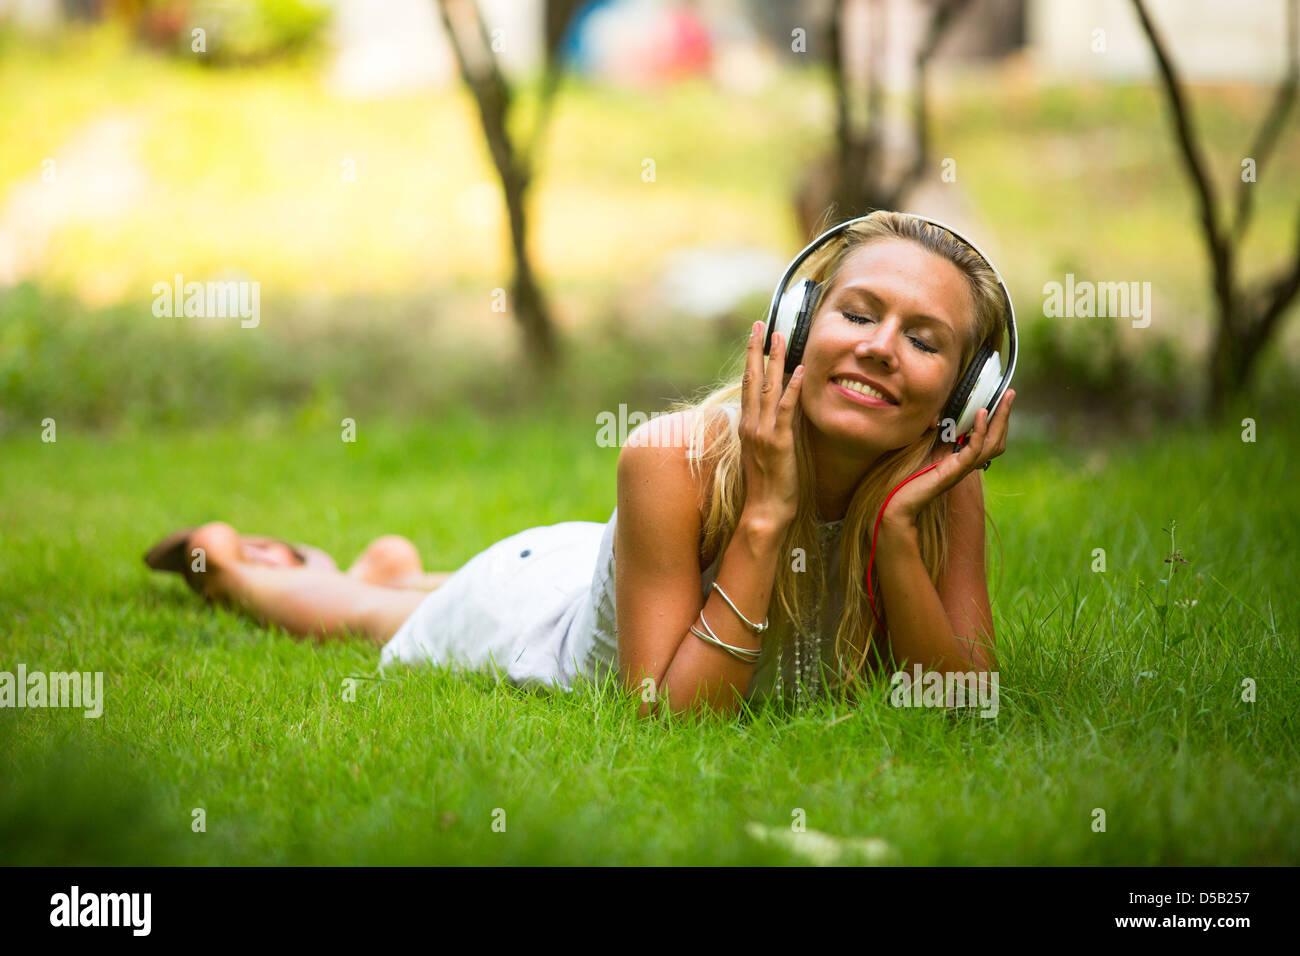 Felicidad emocional chica con auriculares para disfrutar de la naturaleza y música en día soleado. Imagen De Stock